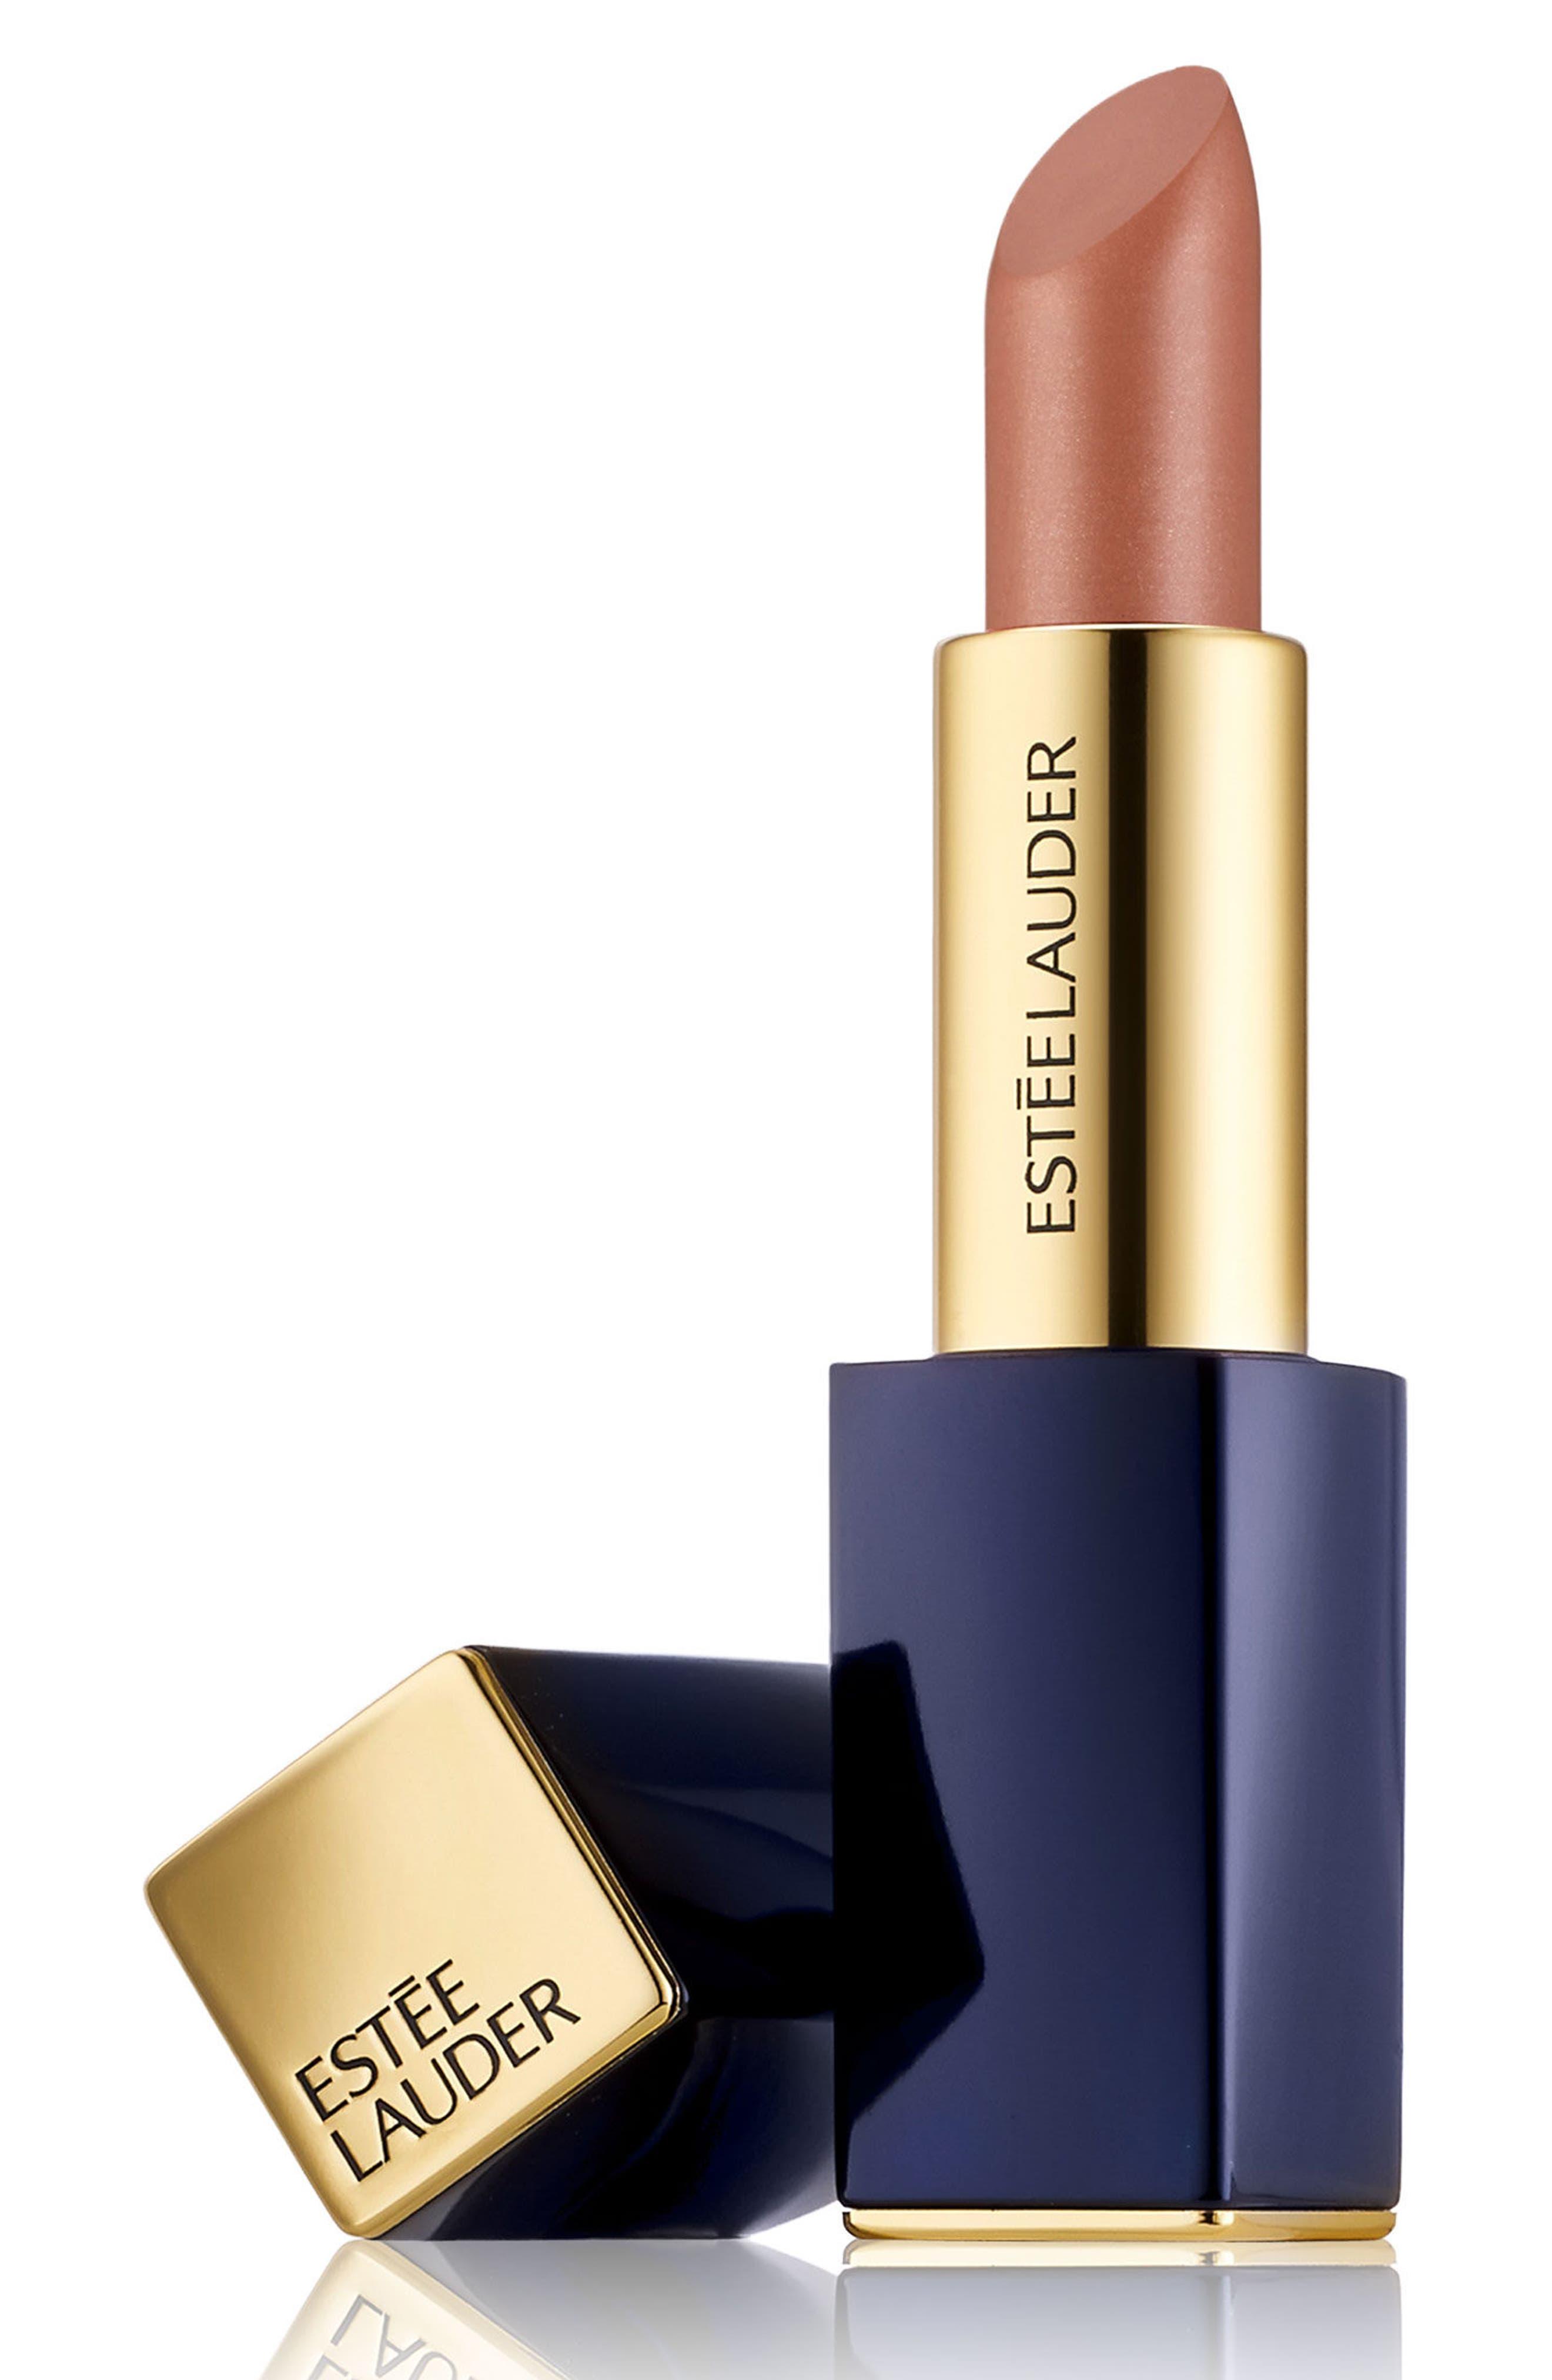 Pure Color Envy Metallic Matte Sculpting Lipstick,                             Main thumbnail 1, color,                             200